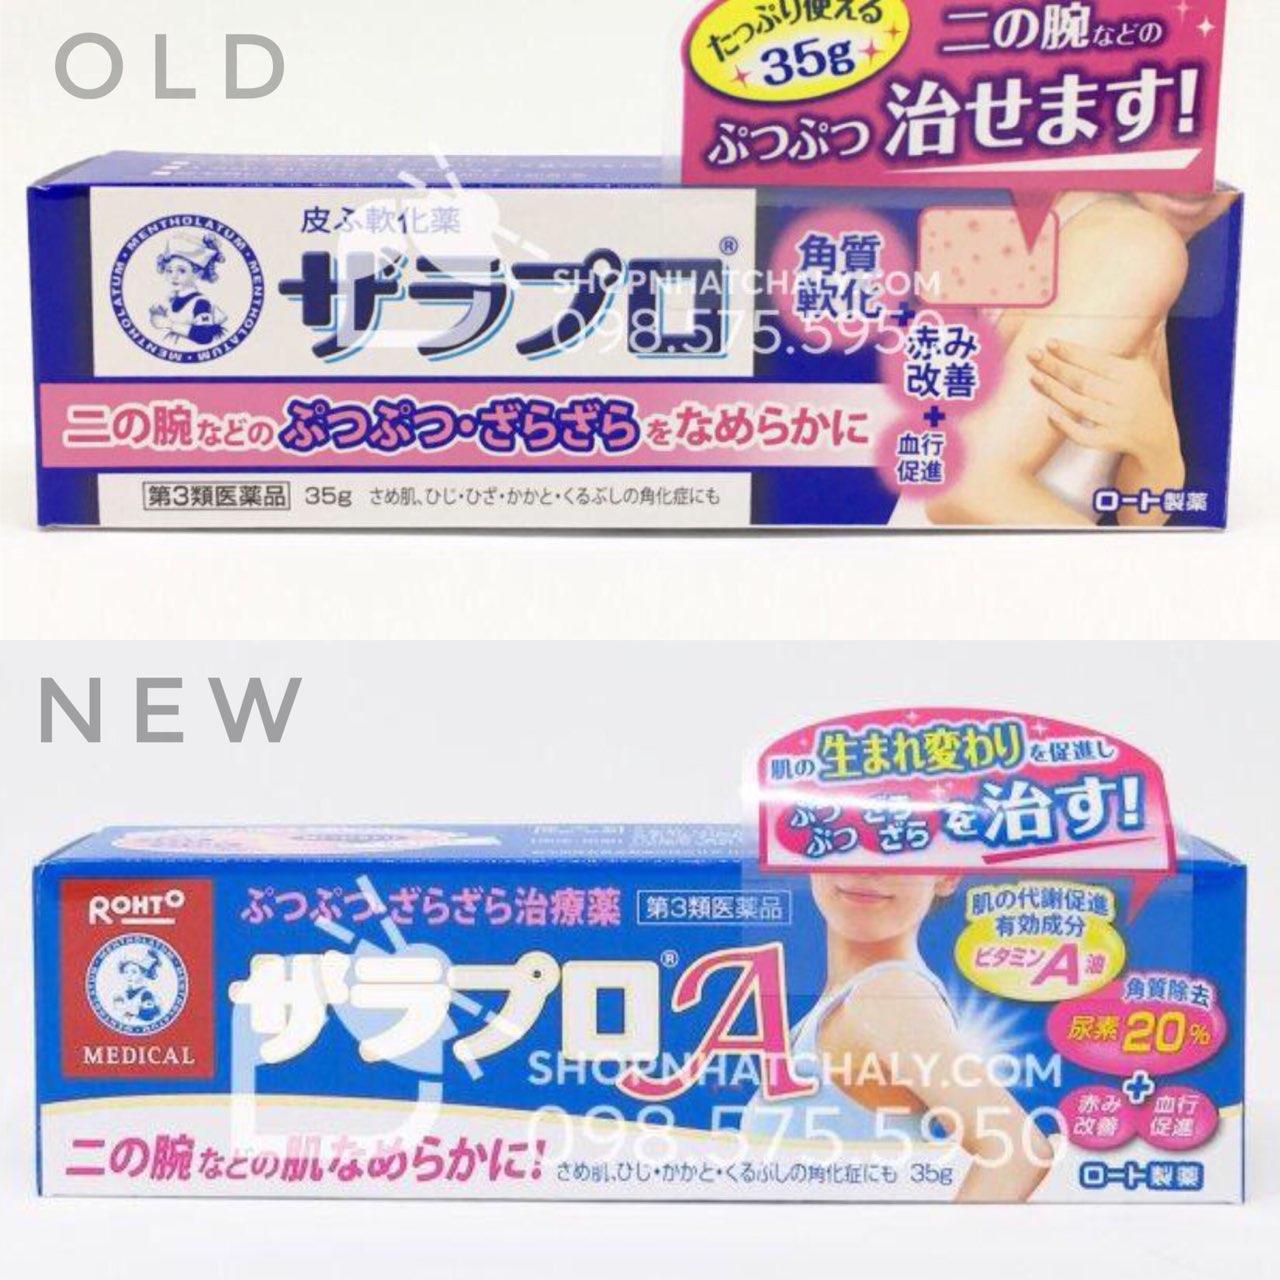 Mẫu mới 2019 của kem trị viêm nang lông của Nhật (hình dưới) và mẫu cũ